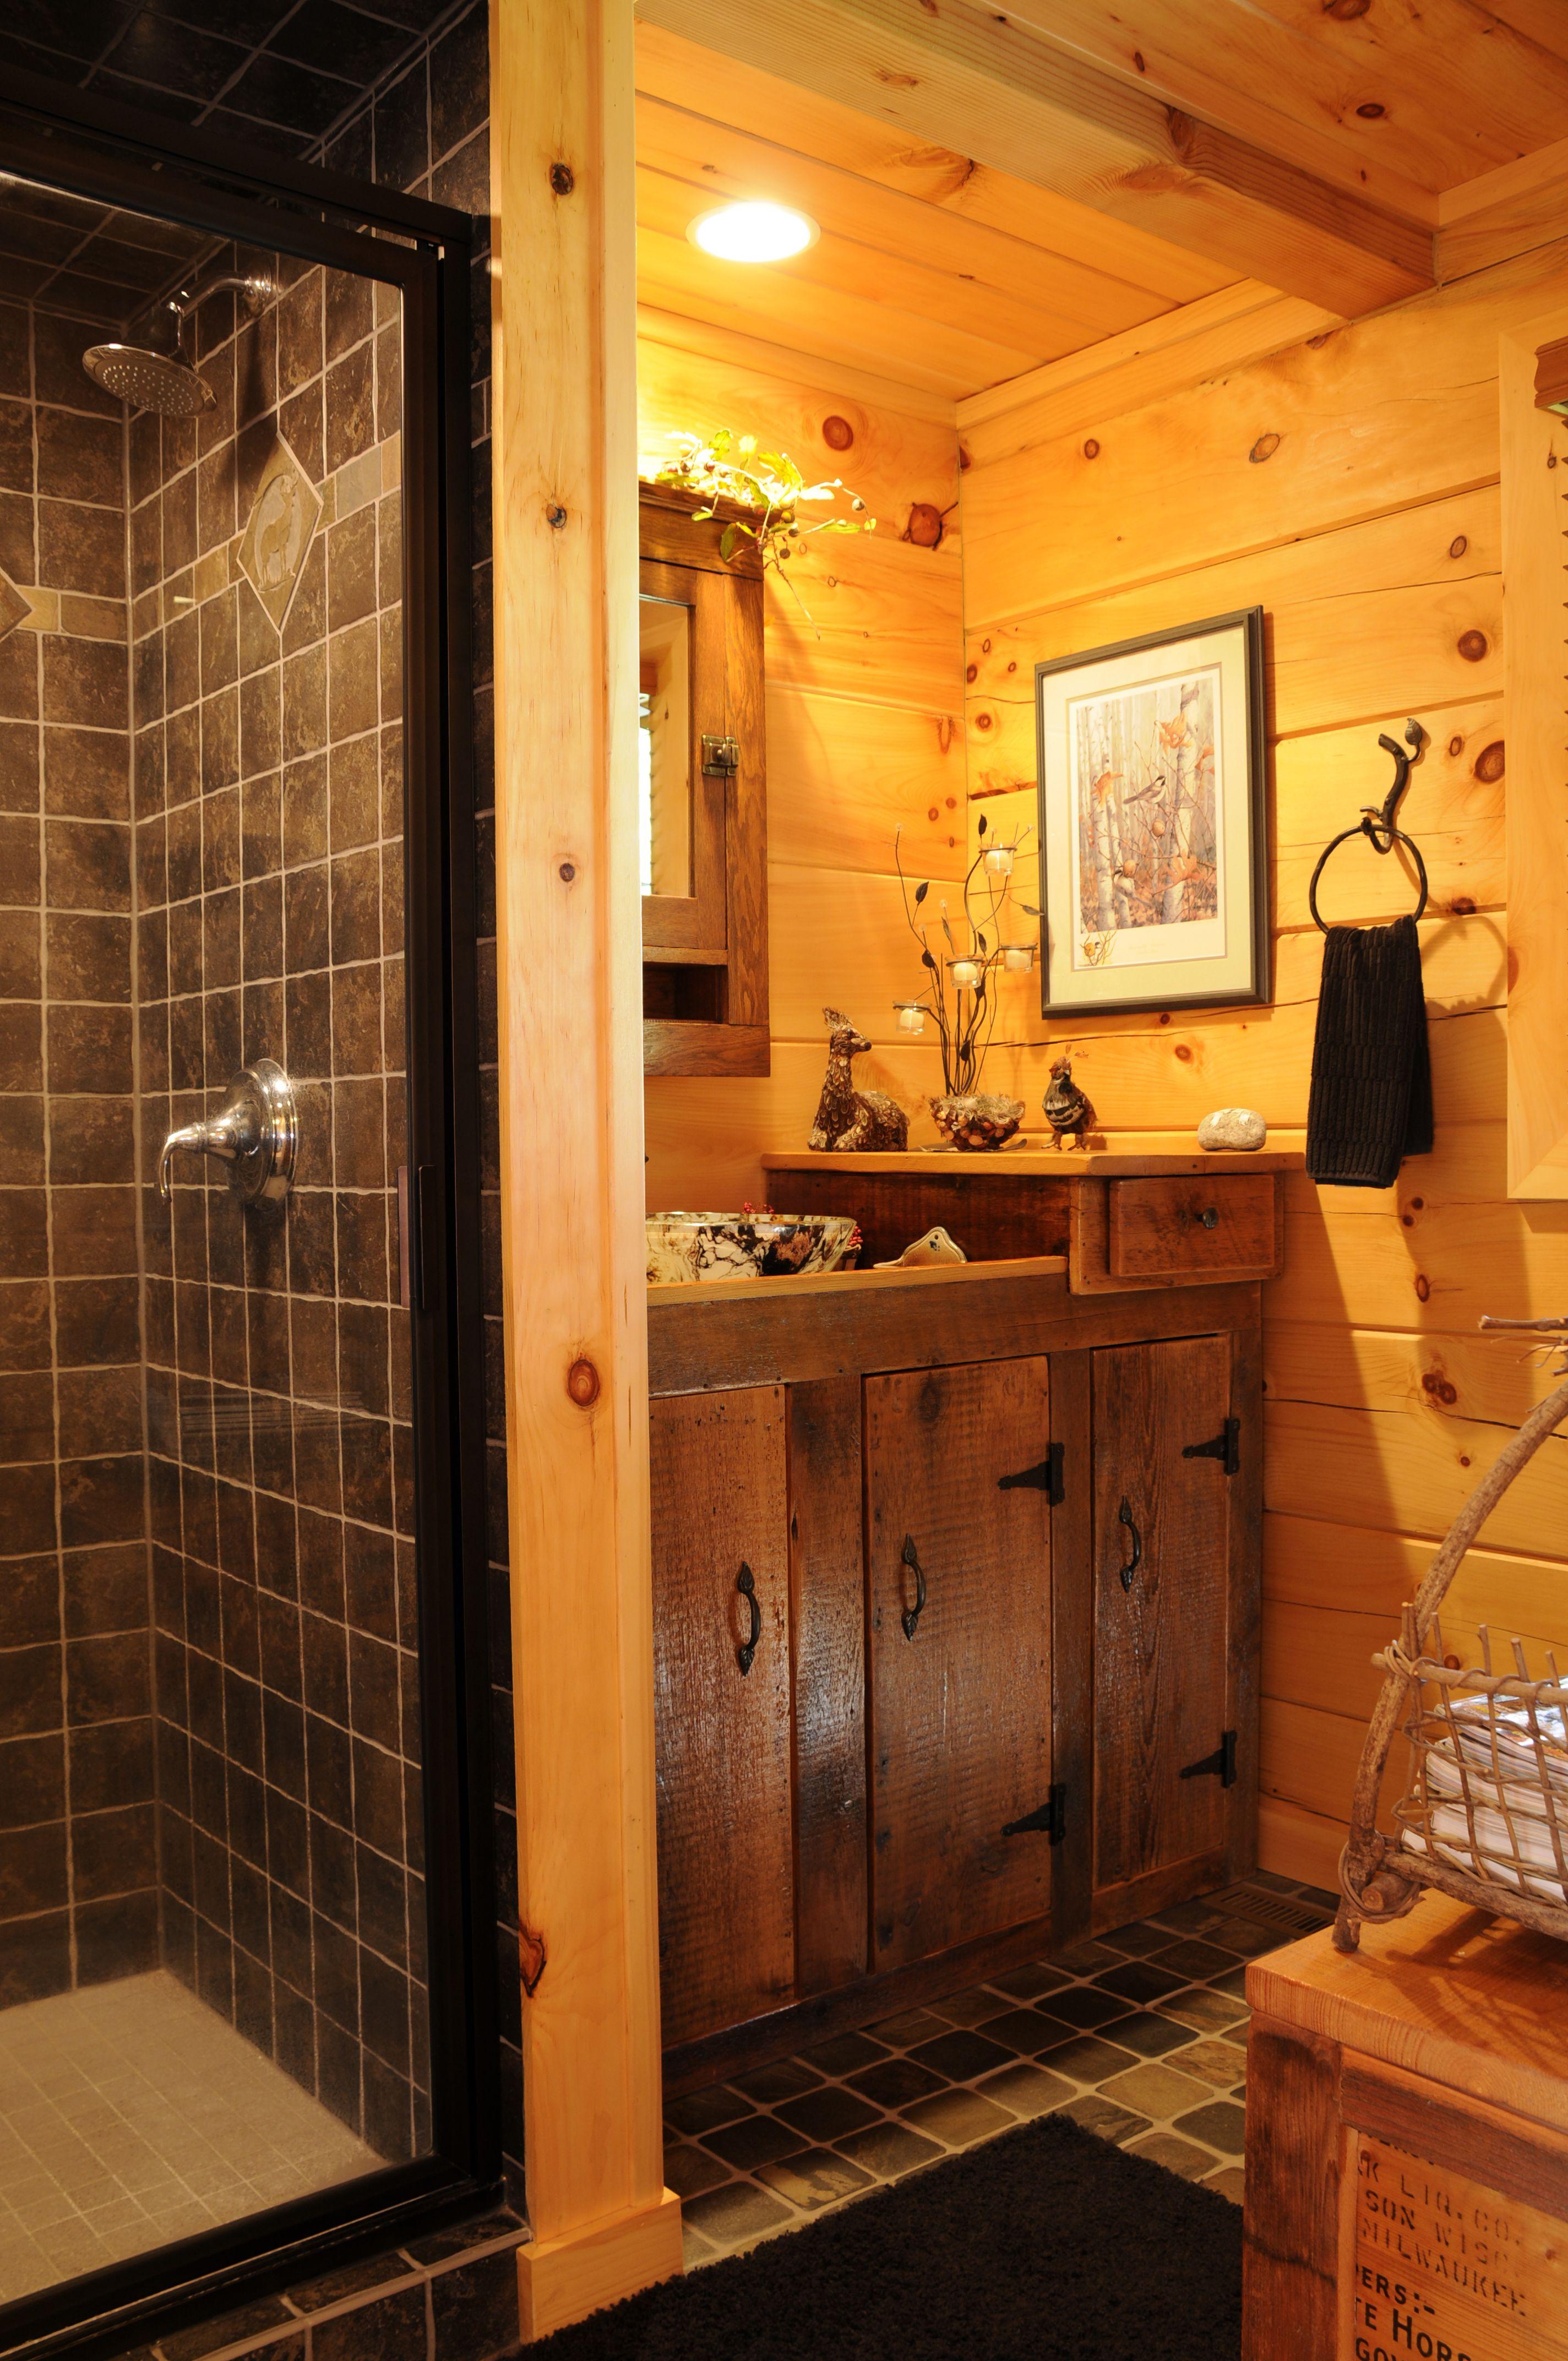 Rustic cabin bathroom. bathroom bathroomdesign